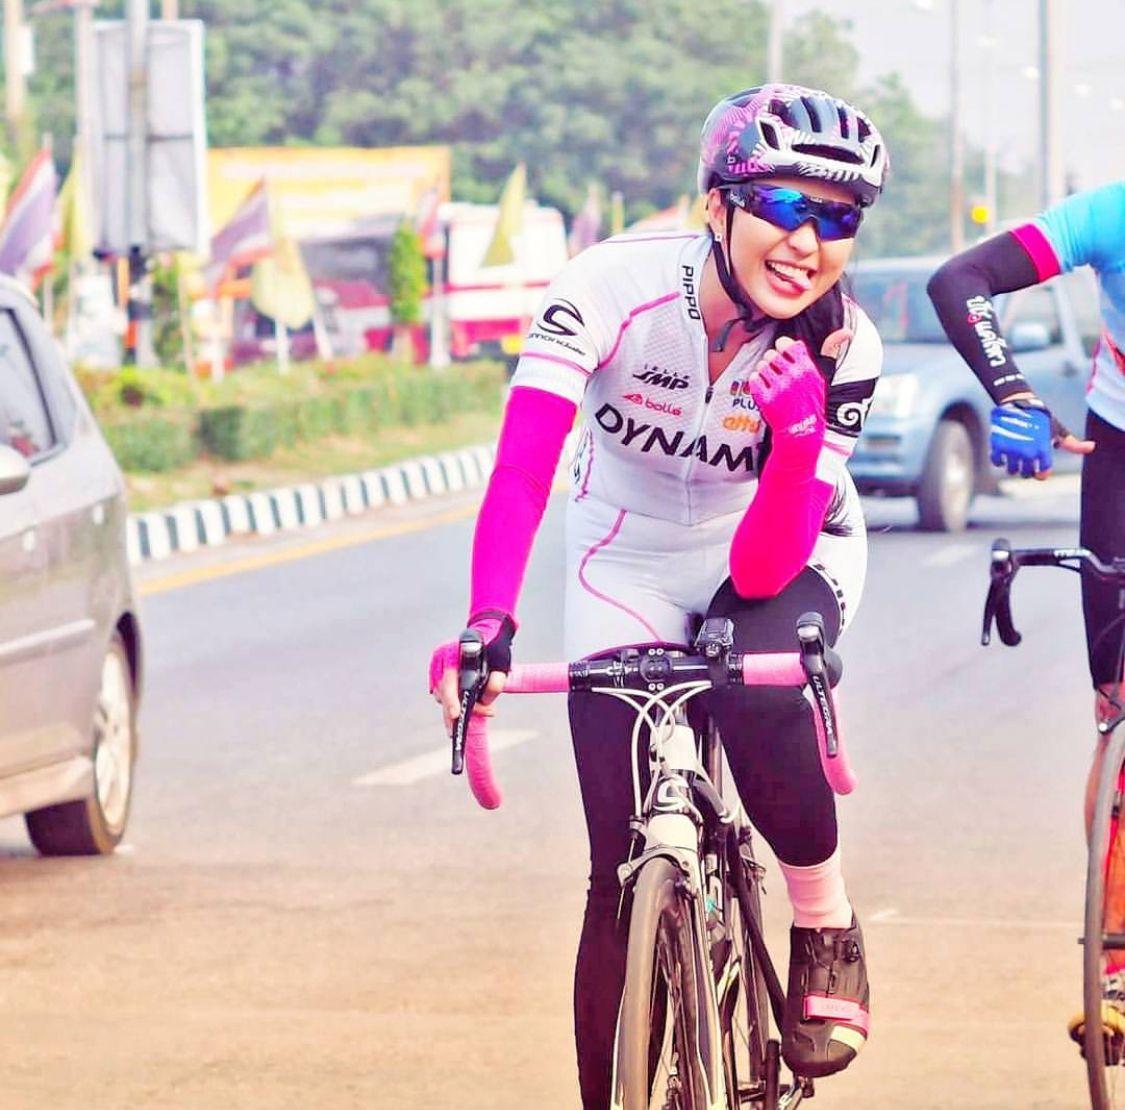 Rencontre femme cycliste Rencontre femme de 50 ans Escort girl mougins